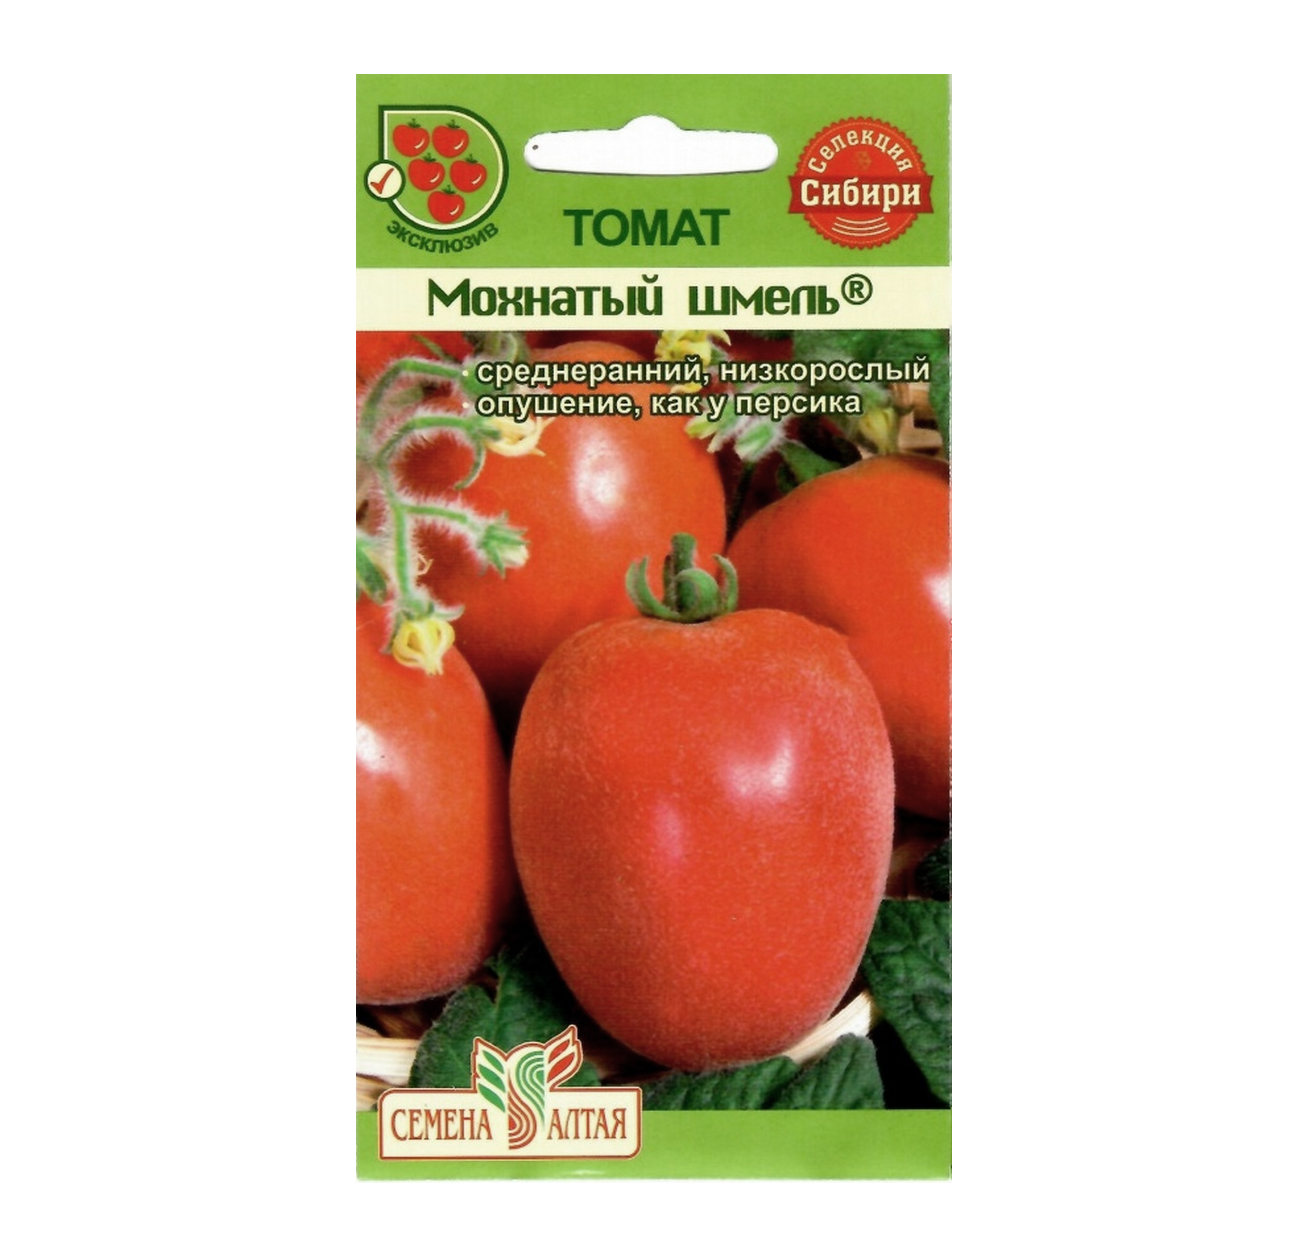 Описание сорта томата мохнатый шмель, особенности выращивания и ухода - всё про сады